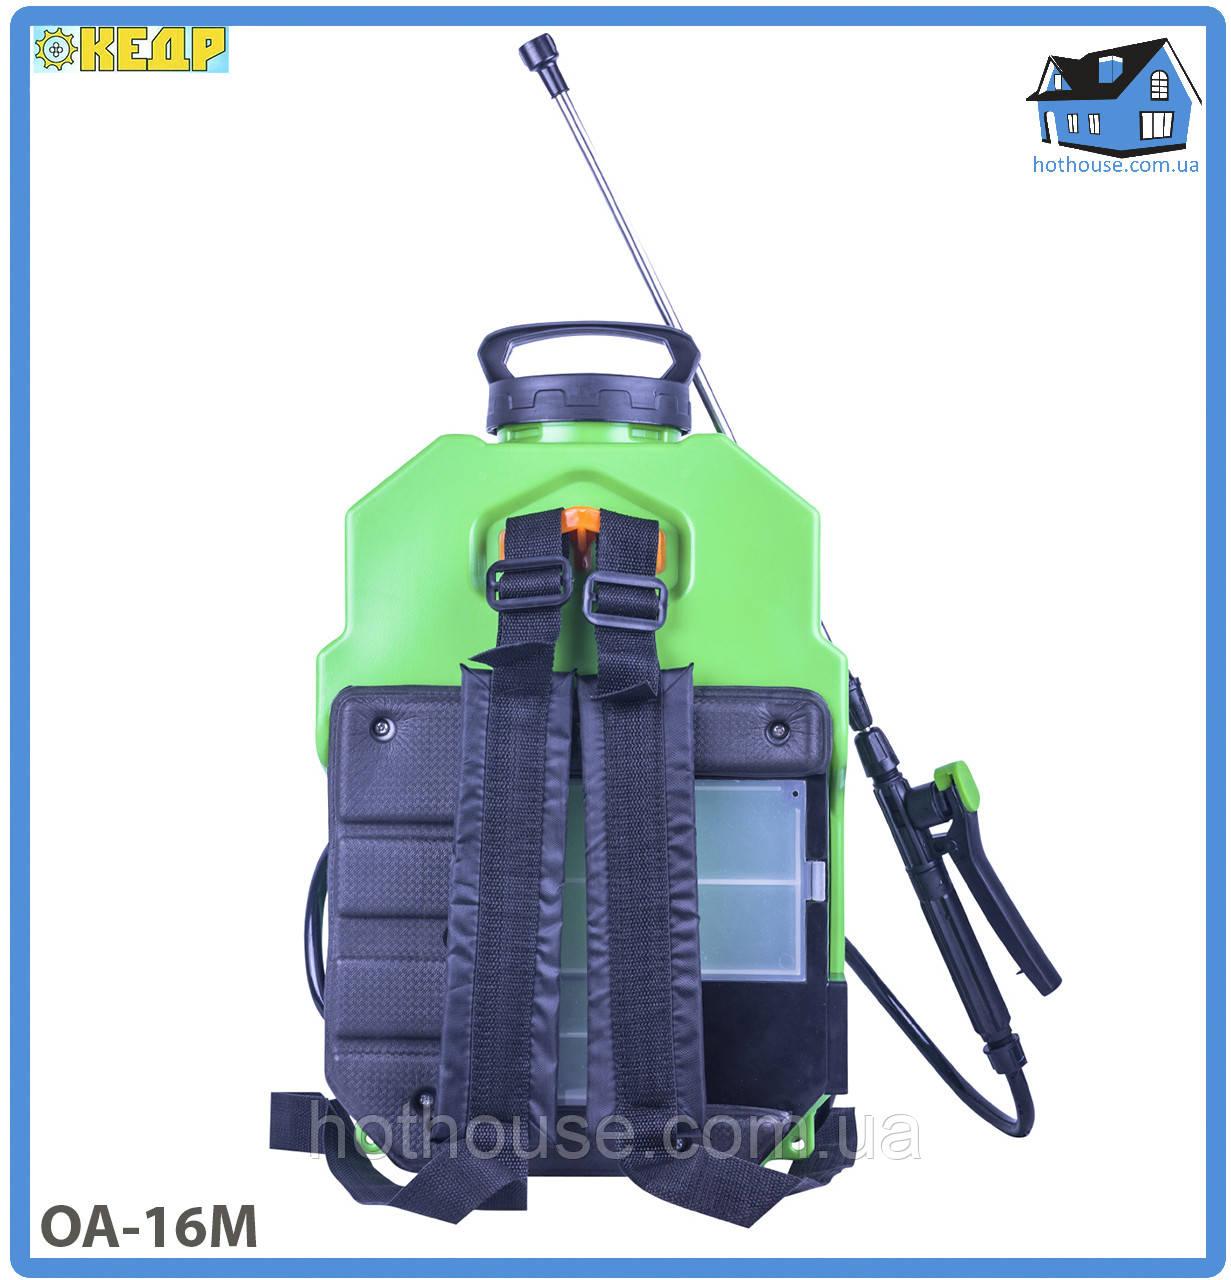 Аккумуляторный опрыскиватель Кедр ОА-16М